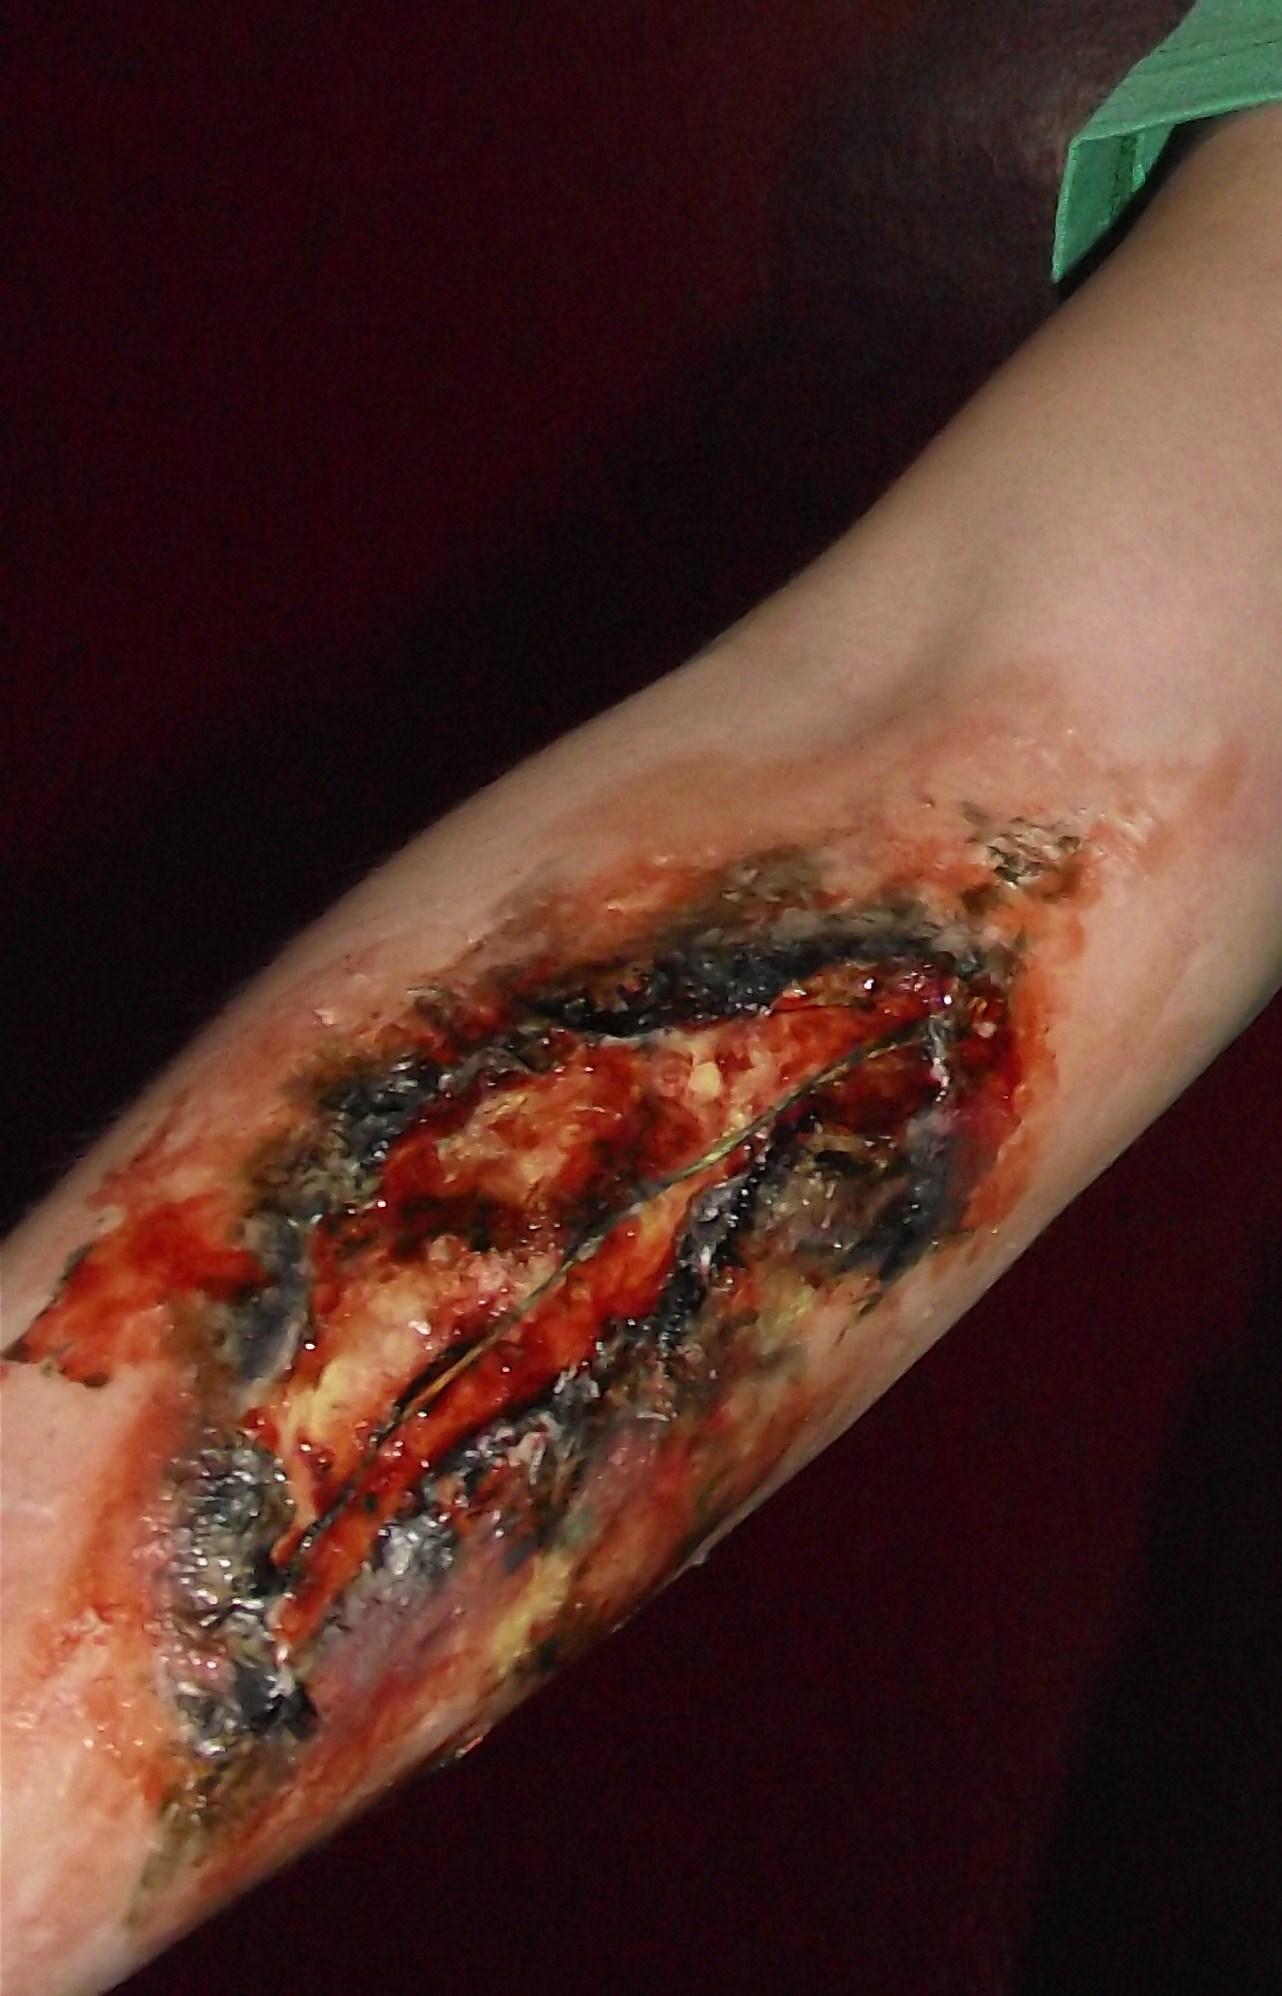 How to: Easy Halloween Prosthetics